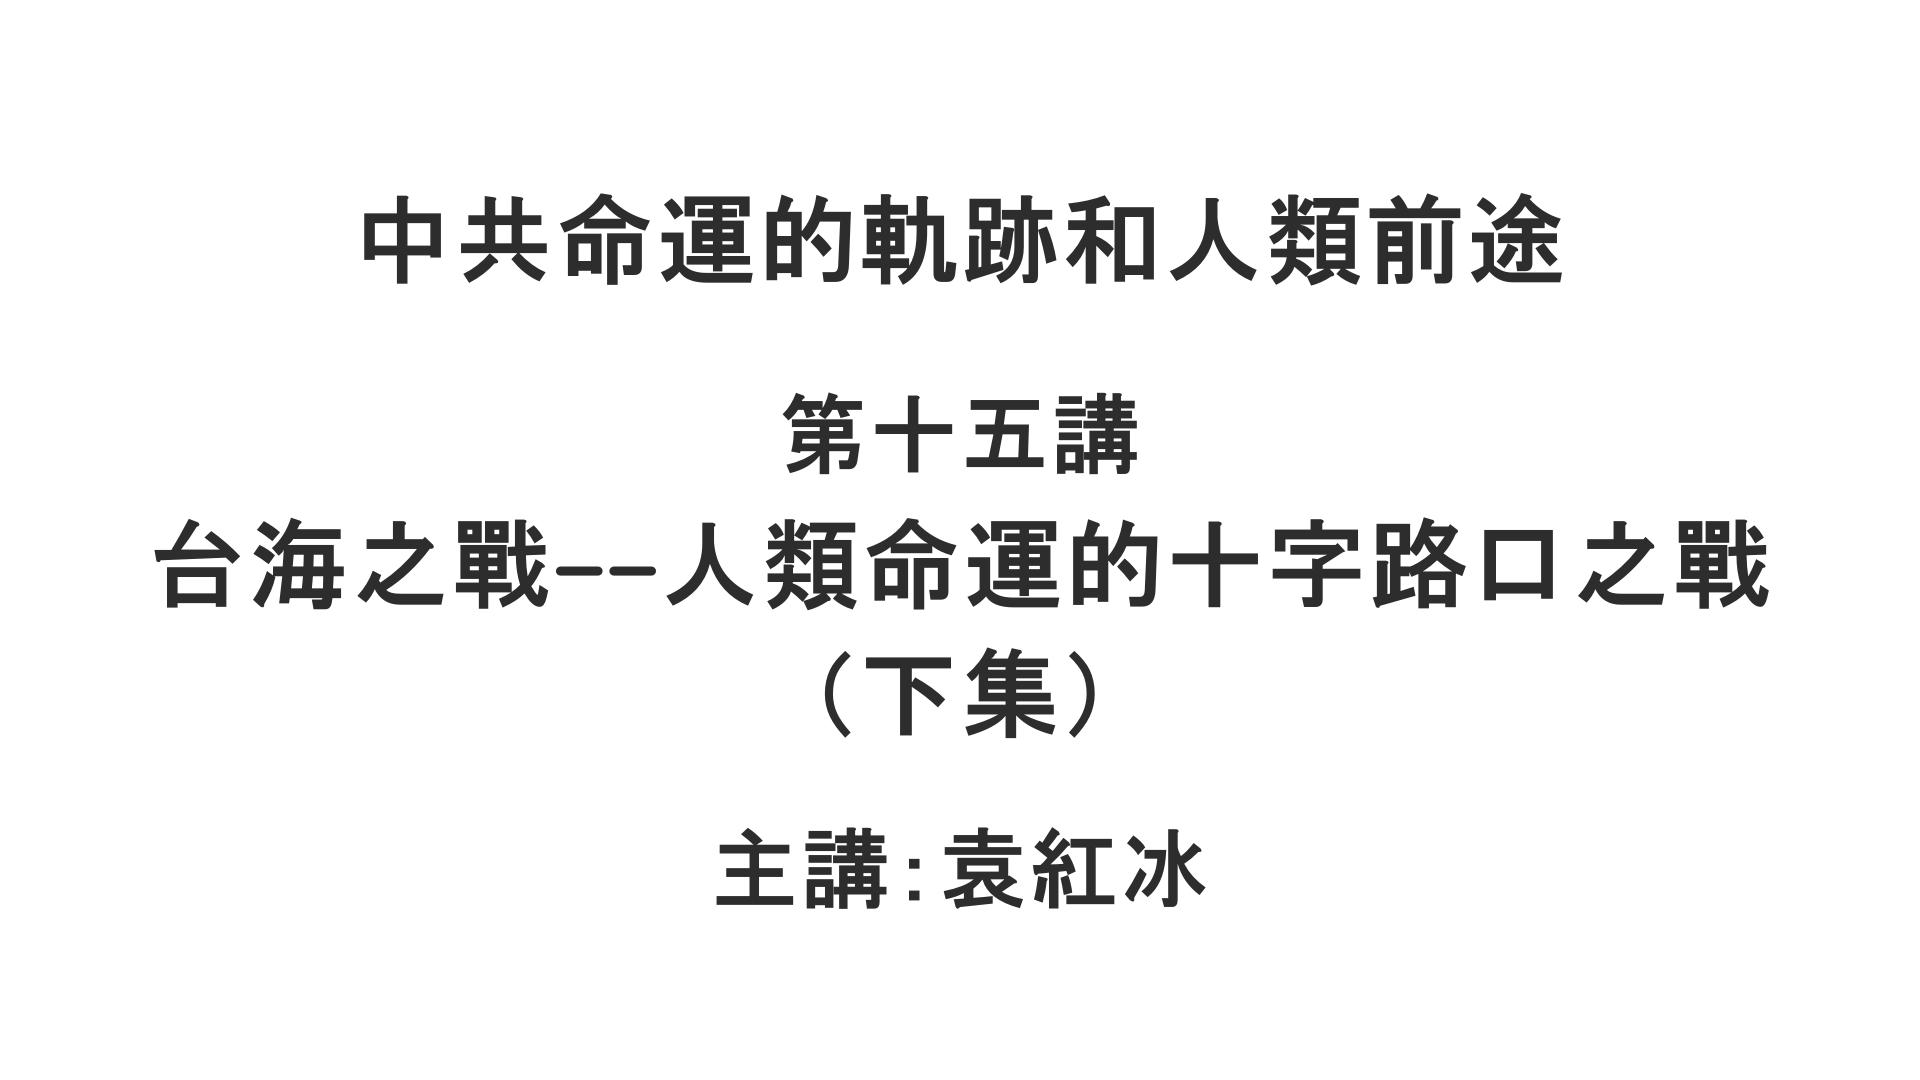 YuanHongBing-ZongLun-5-15-05152021